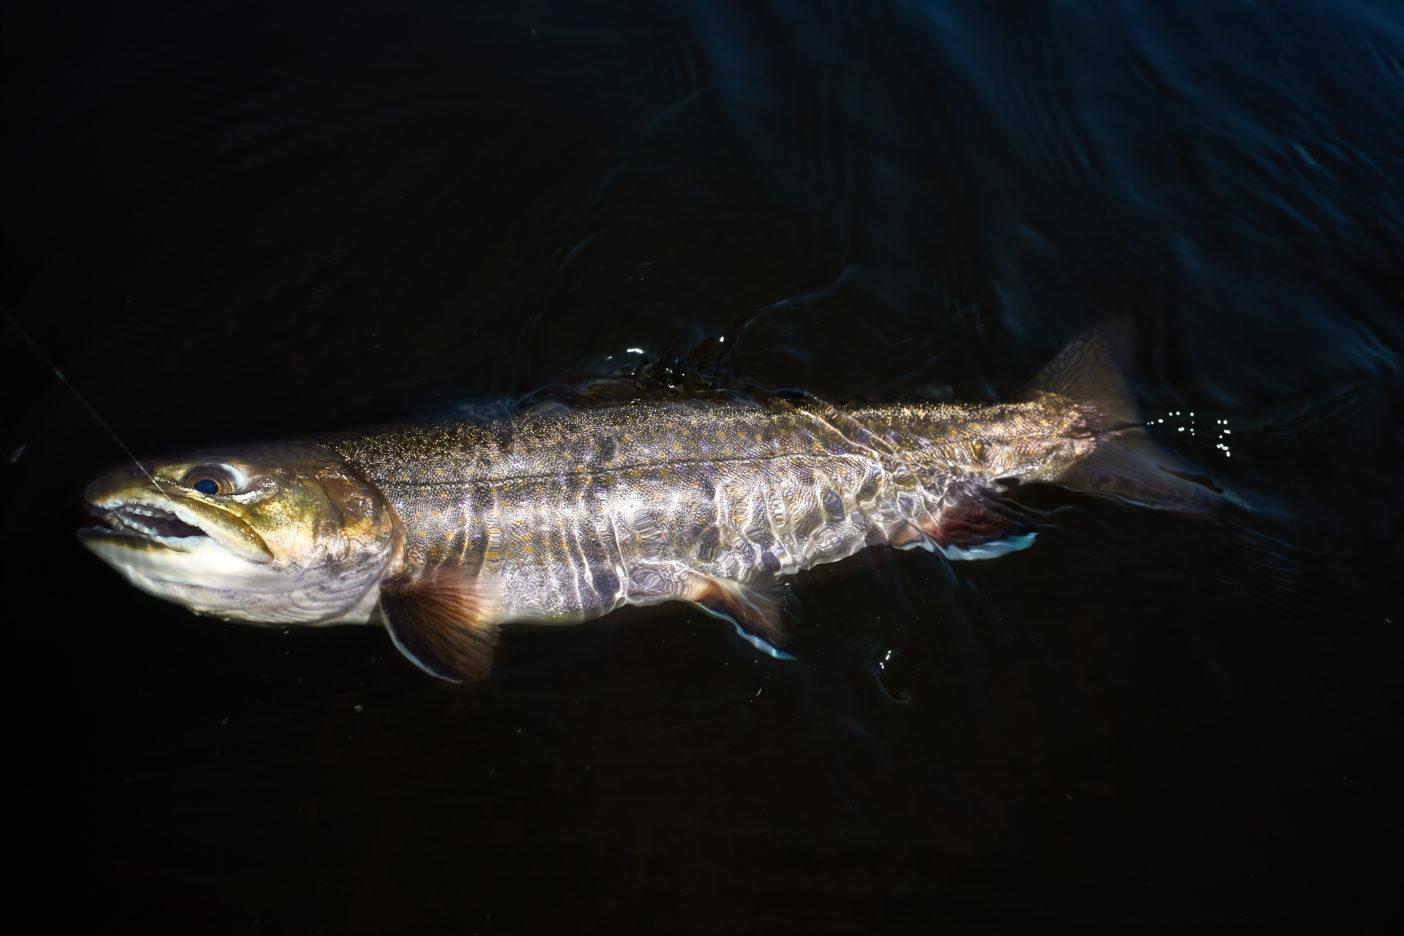 米国ではロッキー山脈の西にブルック・トラウトは生息していなかったが、ニューヨーカーたちが地元と同じ魚を釣りたがったためか、米国全体に広がった。日本では日光の湯の湖、湯川に放たれて野生化している。日本の天然種ではないが、日本のフライフィッシングの始まりと密接な関係があるため、フライフィッシャーから愛されている。 写真:阪東幸成